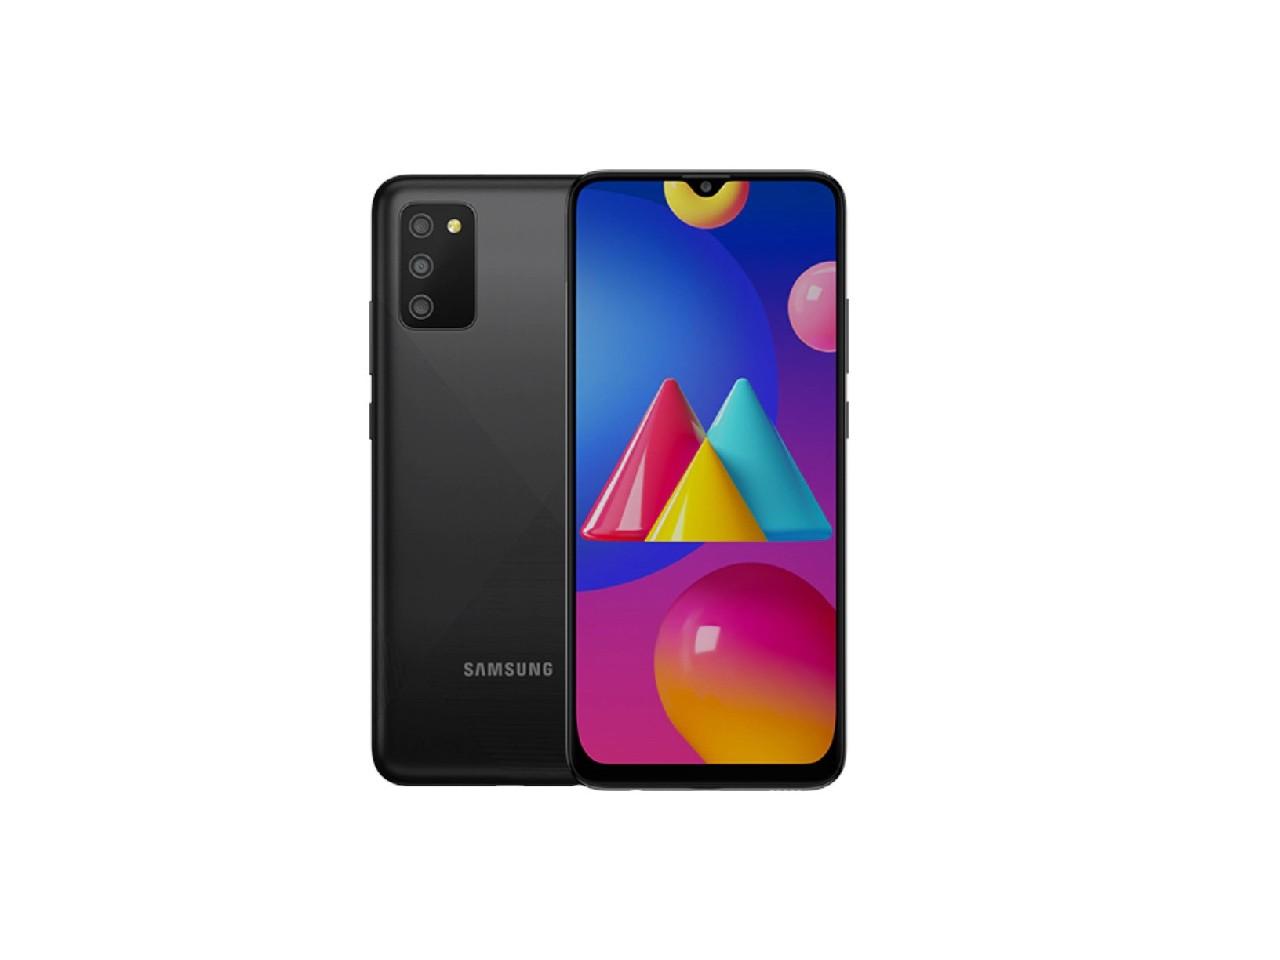 Samsung Galaxy S21 Ultra, promette bene la batteria della variante Exynos